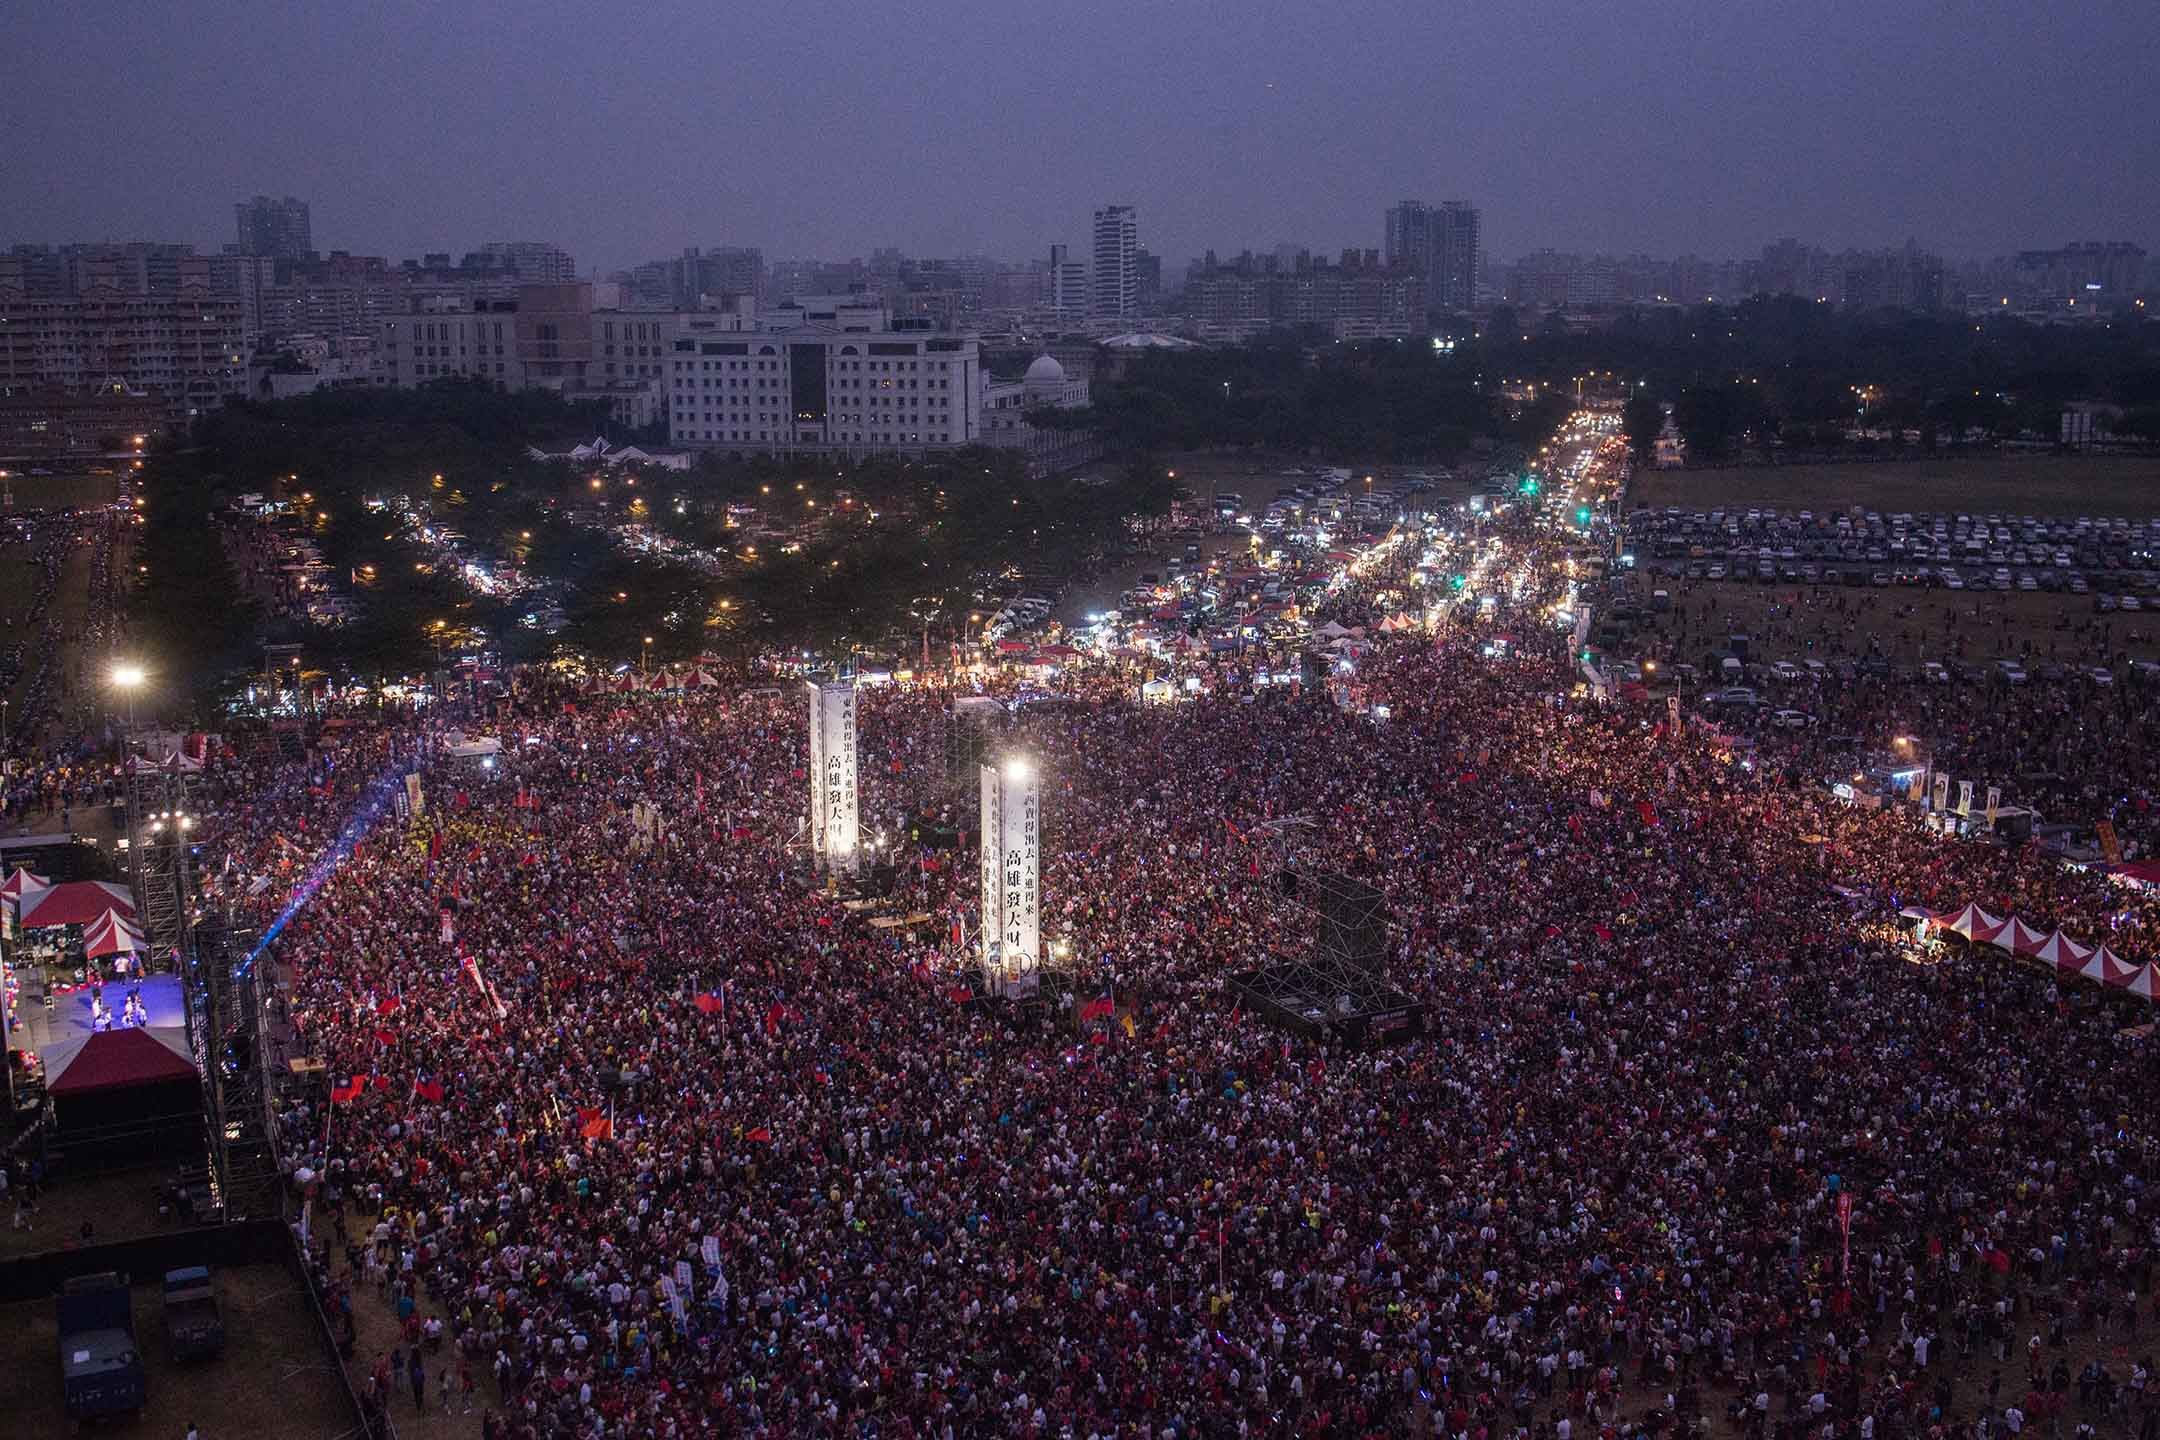 2018年11月17日 , 韓國瑜在高雄市鳯山的造勢晚會,大會稱有十萬人參加。